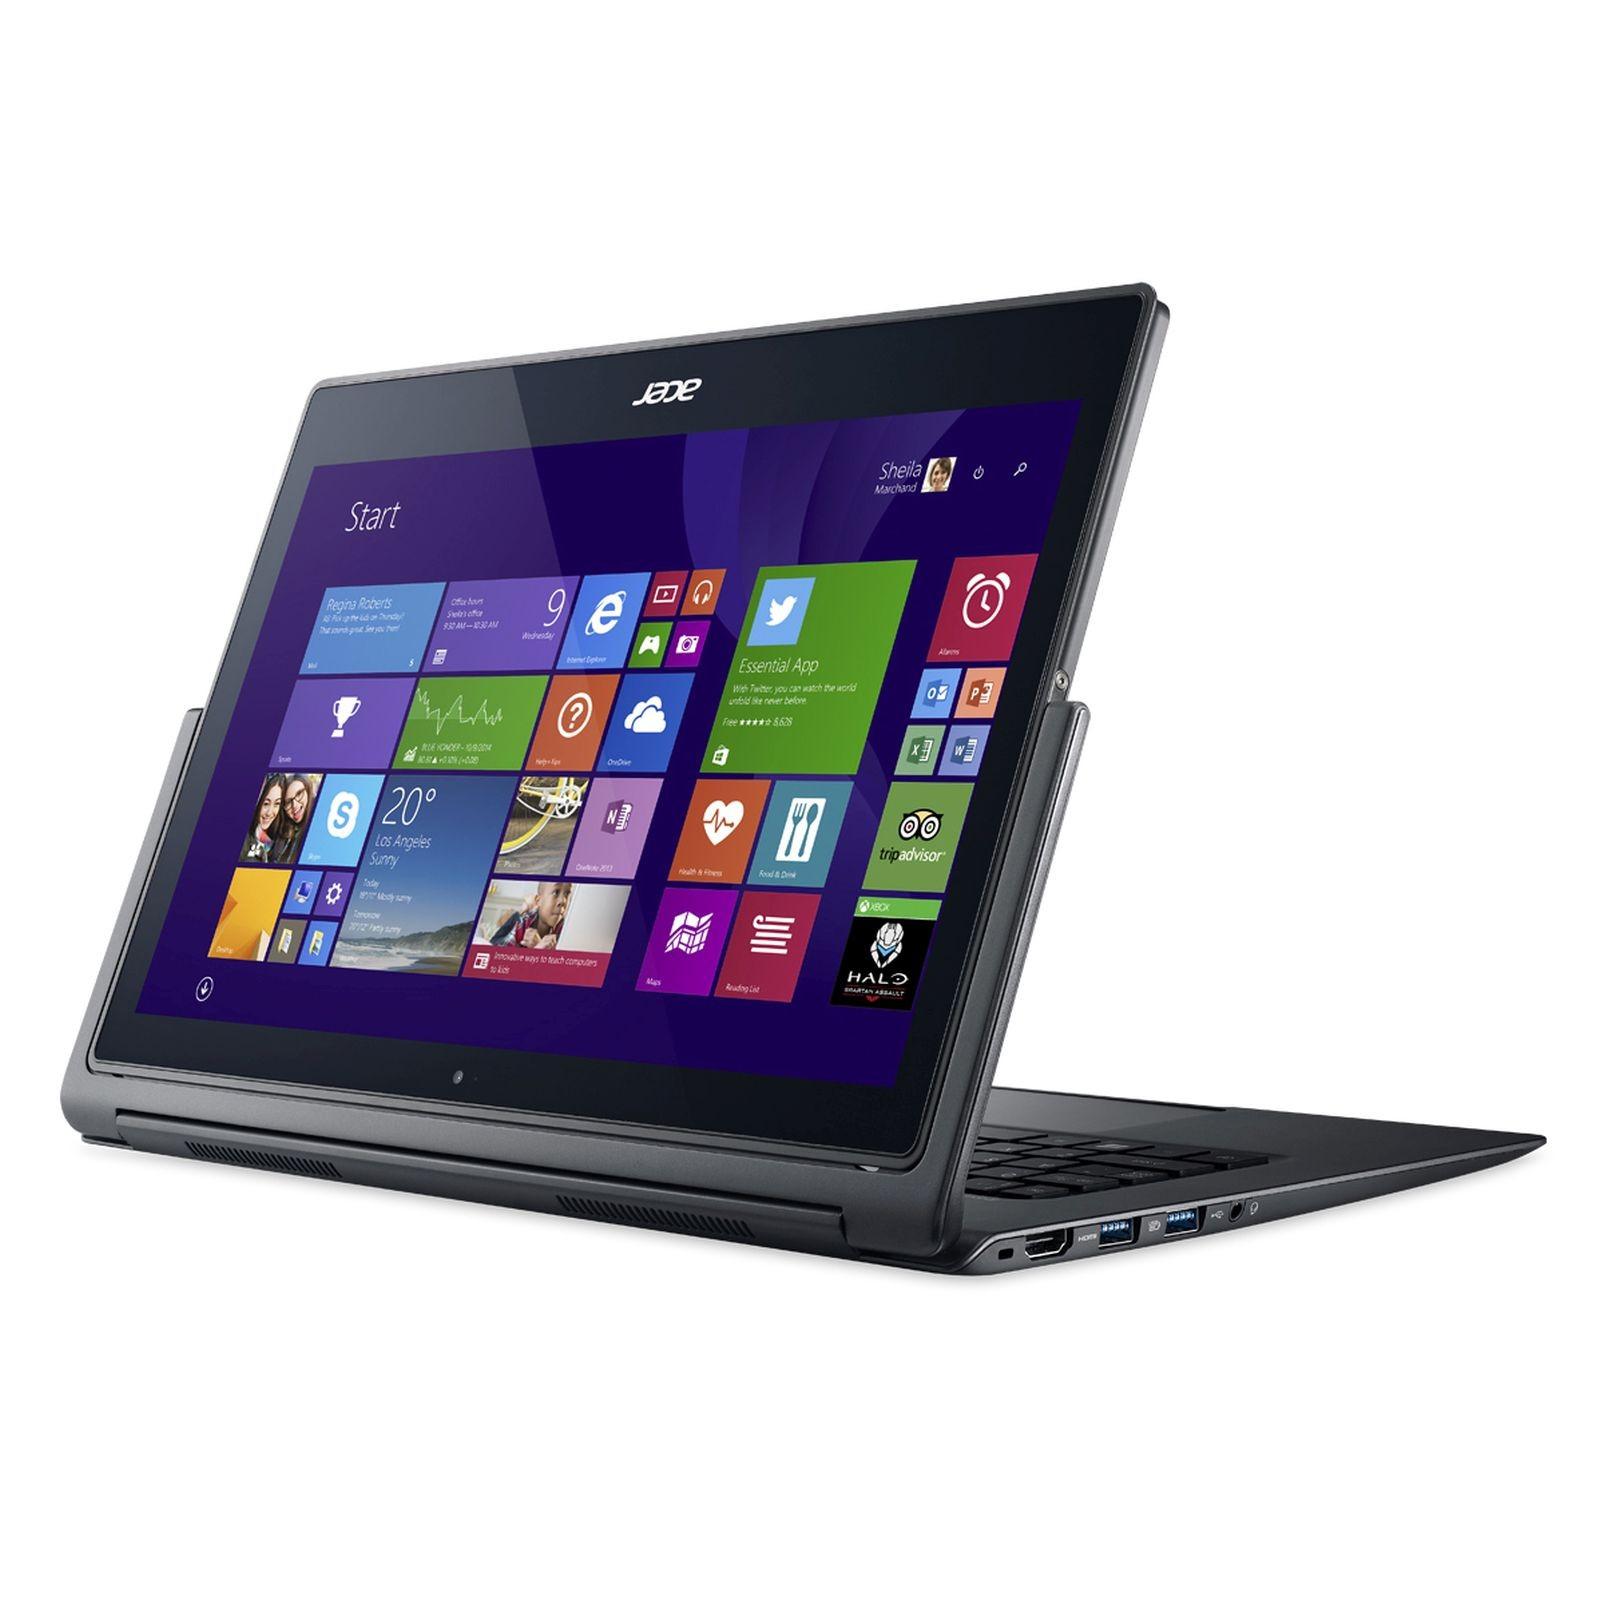 Acer Aspire E360 Desktop